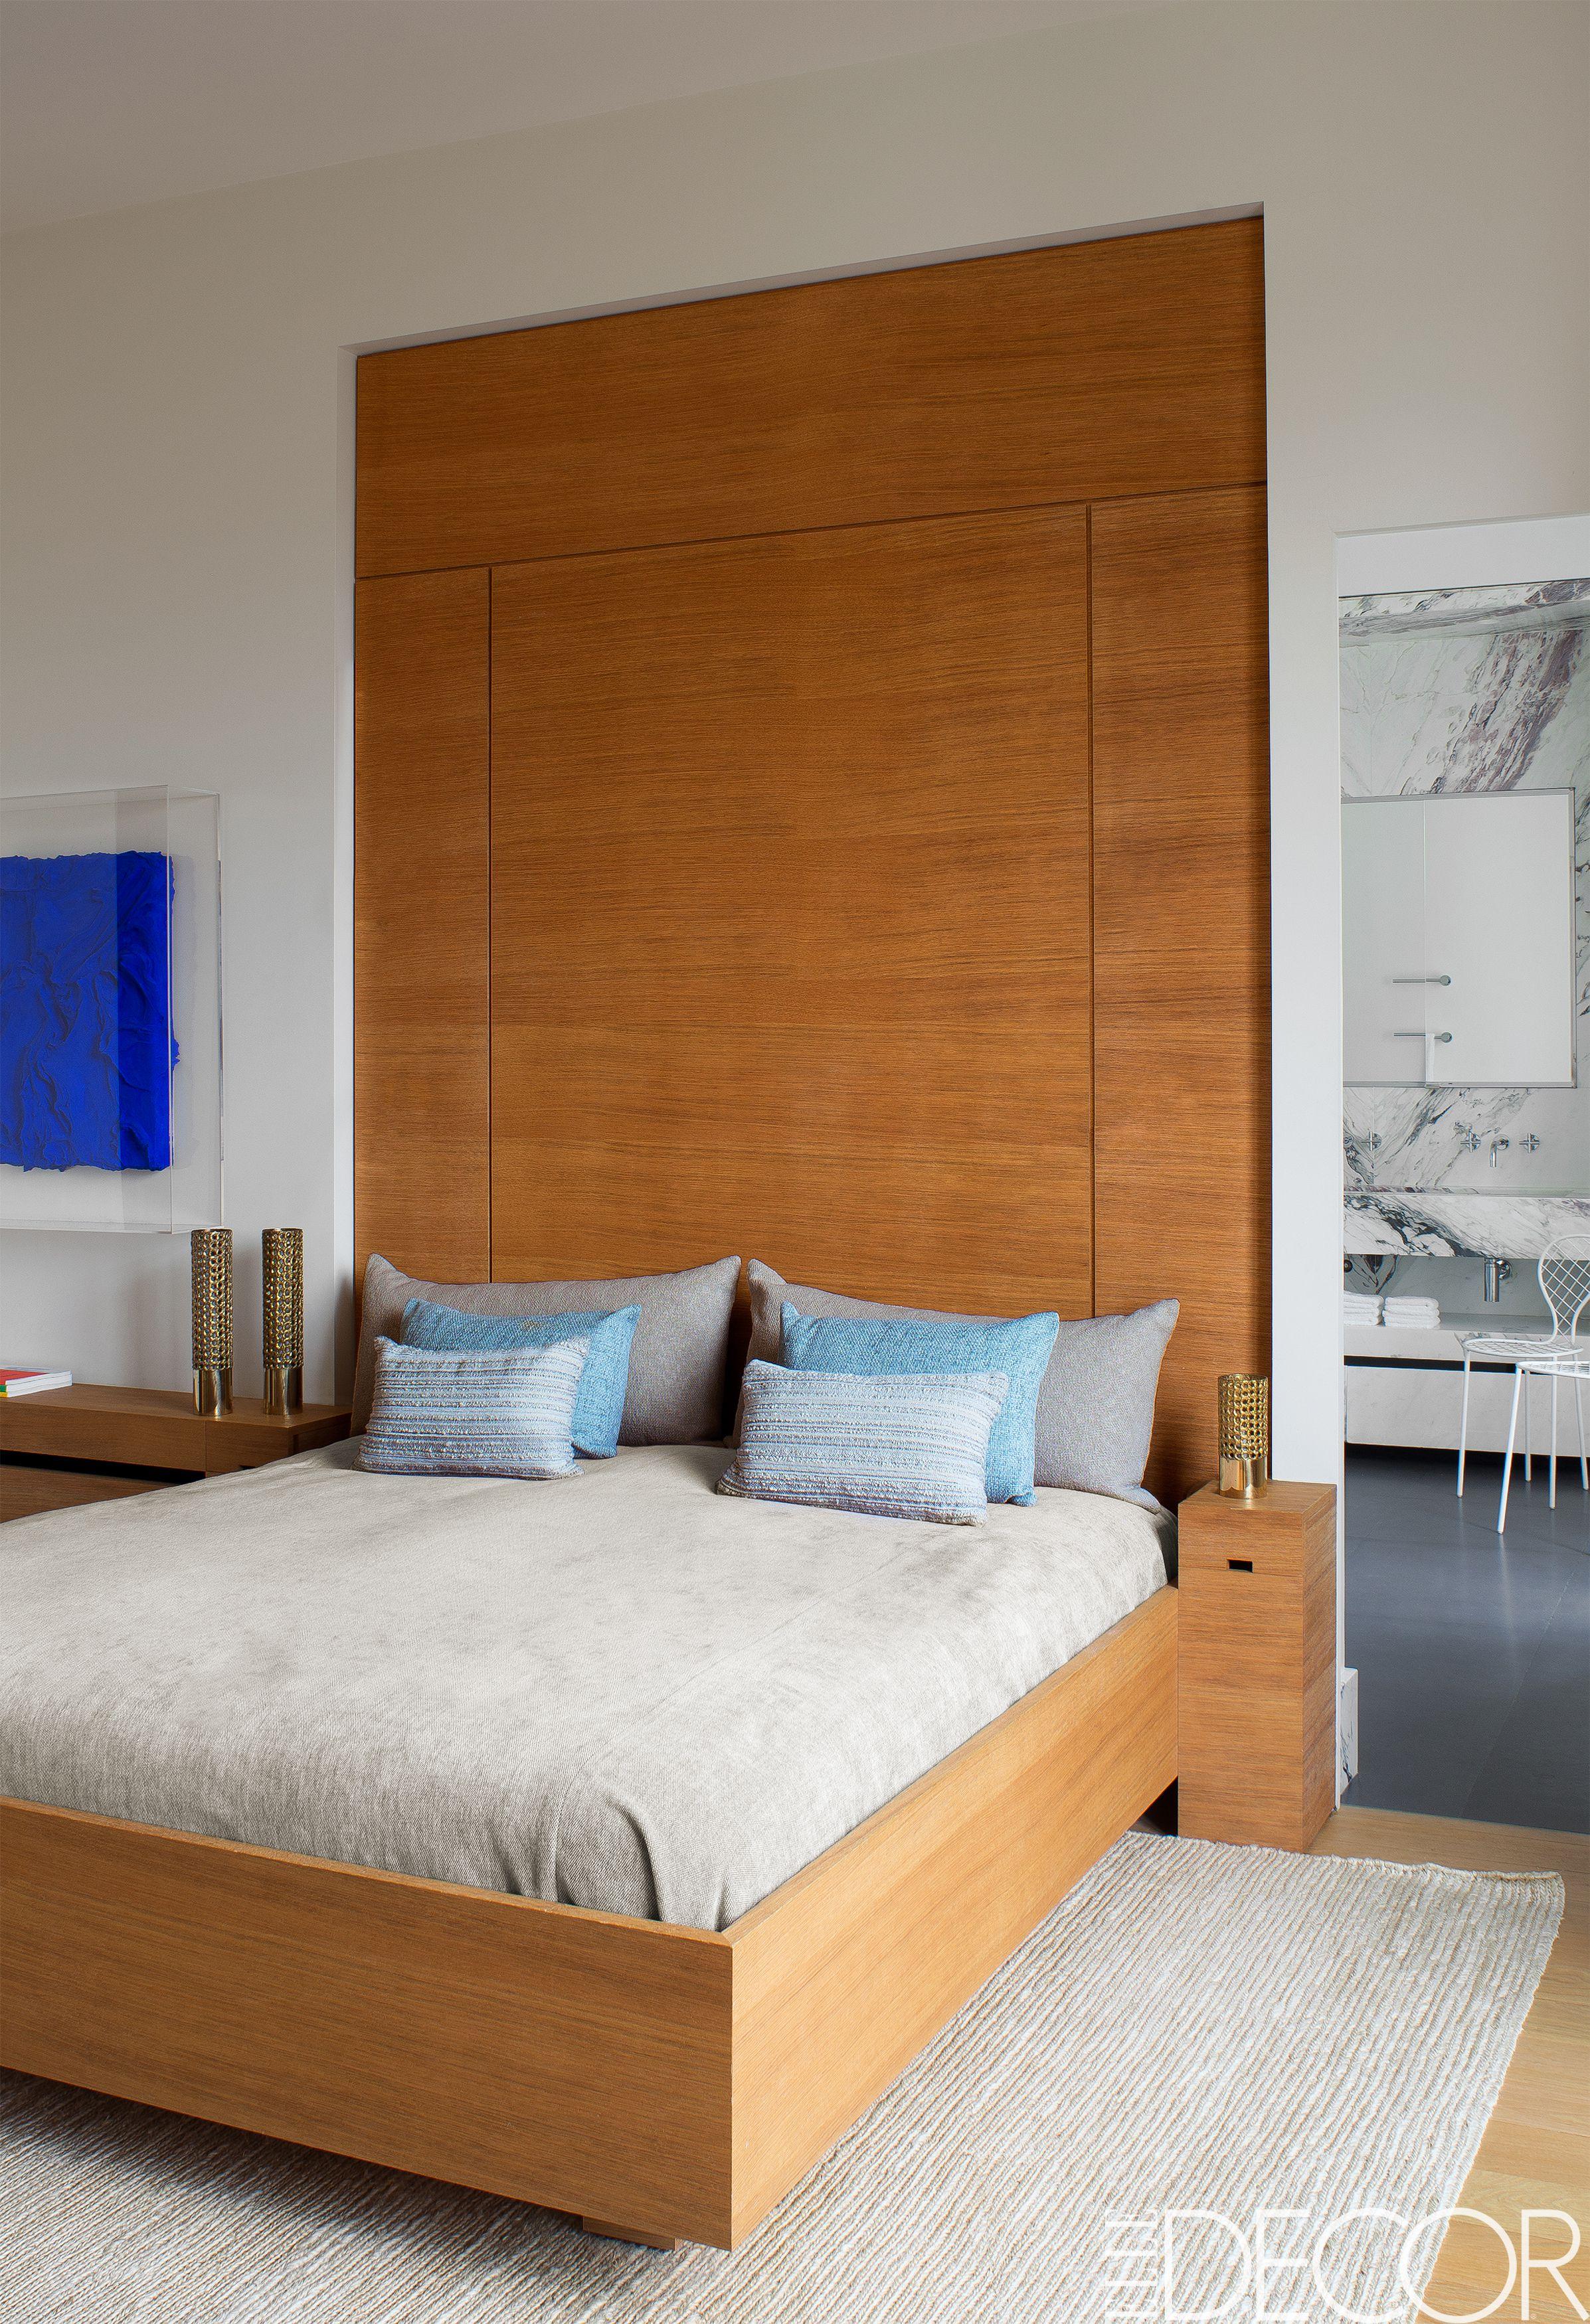 25 best bedroom area rugs - great ideas for bedroom rugs BHYIKRC